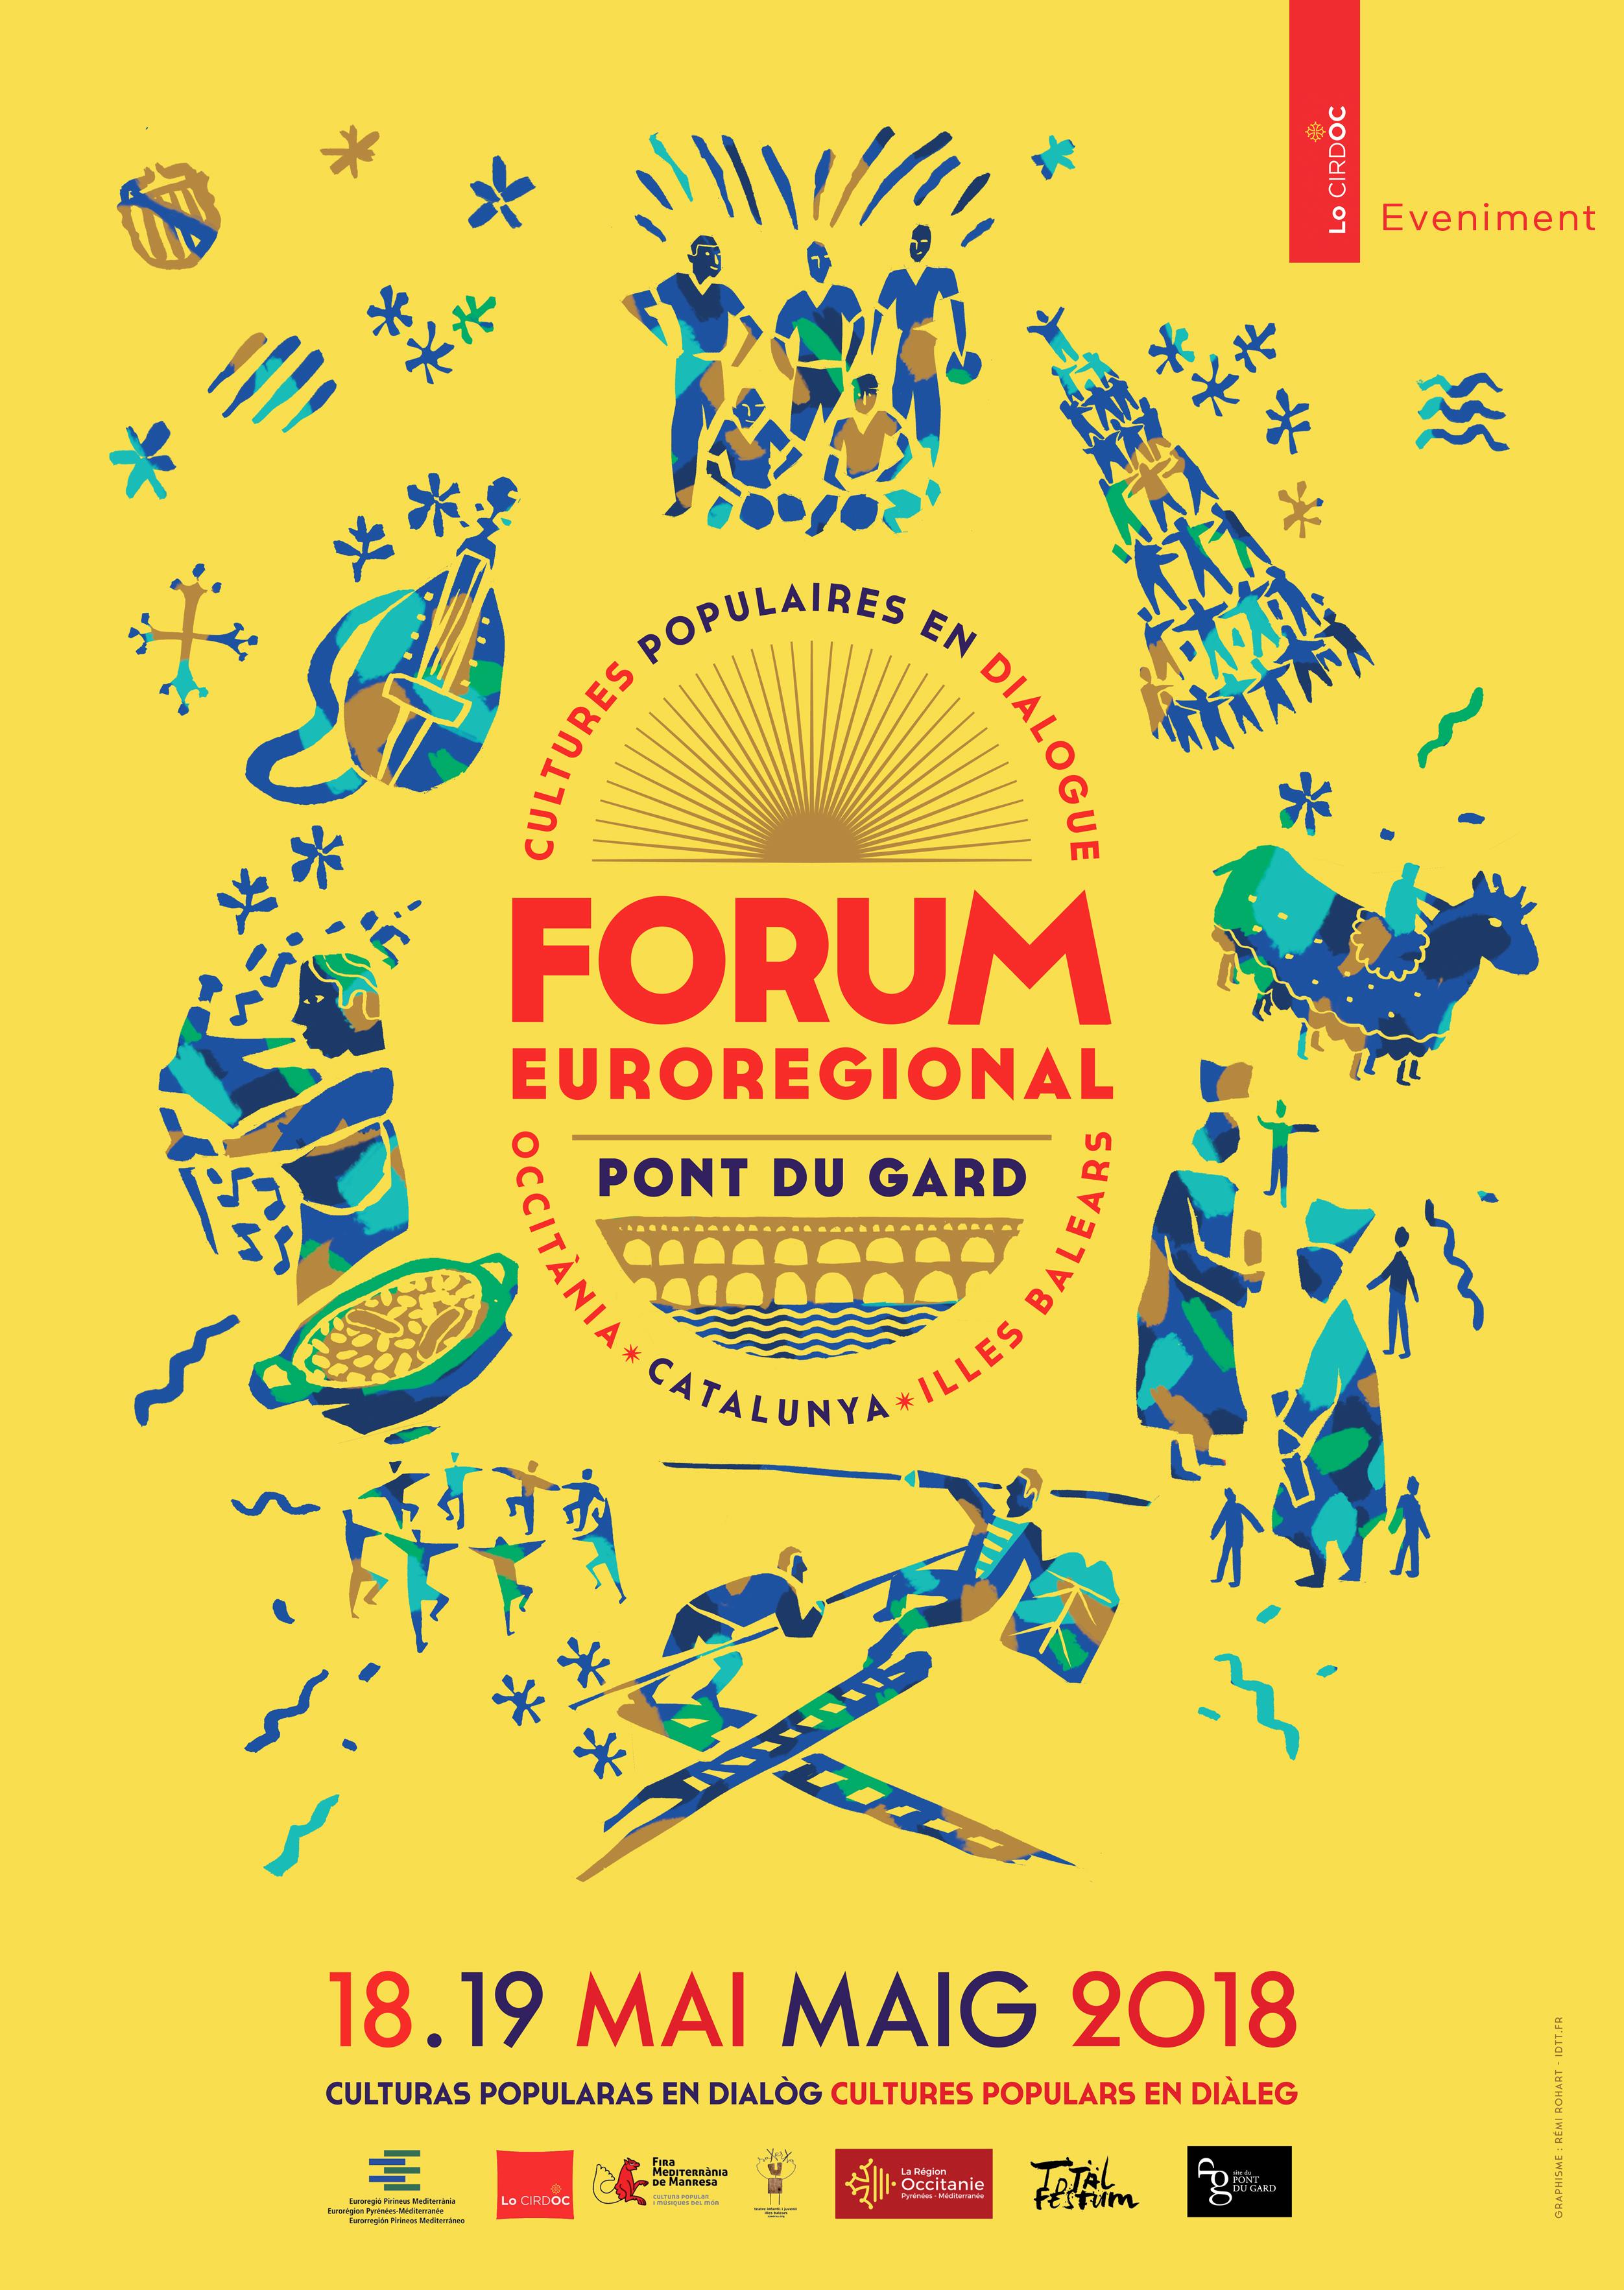 http://www.locirdoc.fr/wp-content/uploads/2018/04/affiche_formartA4_forum.jpg